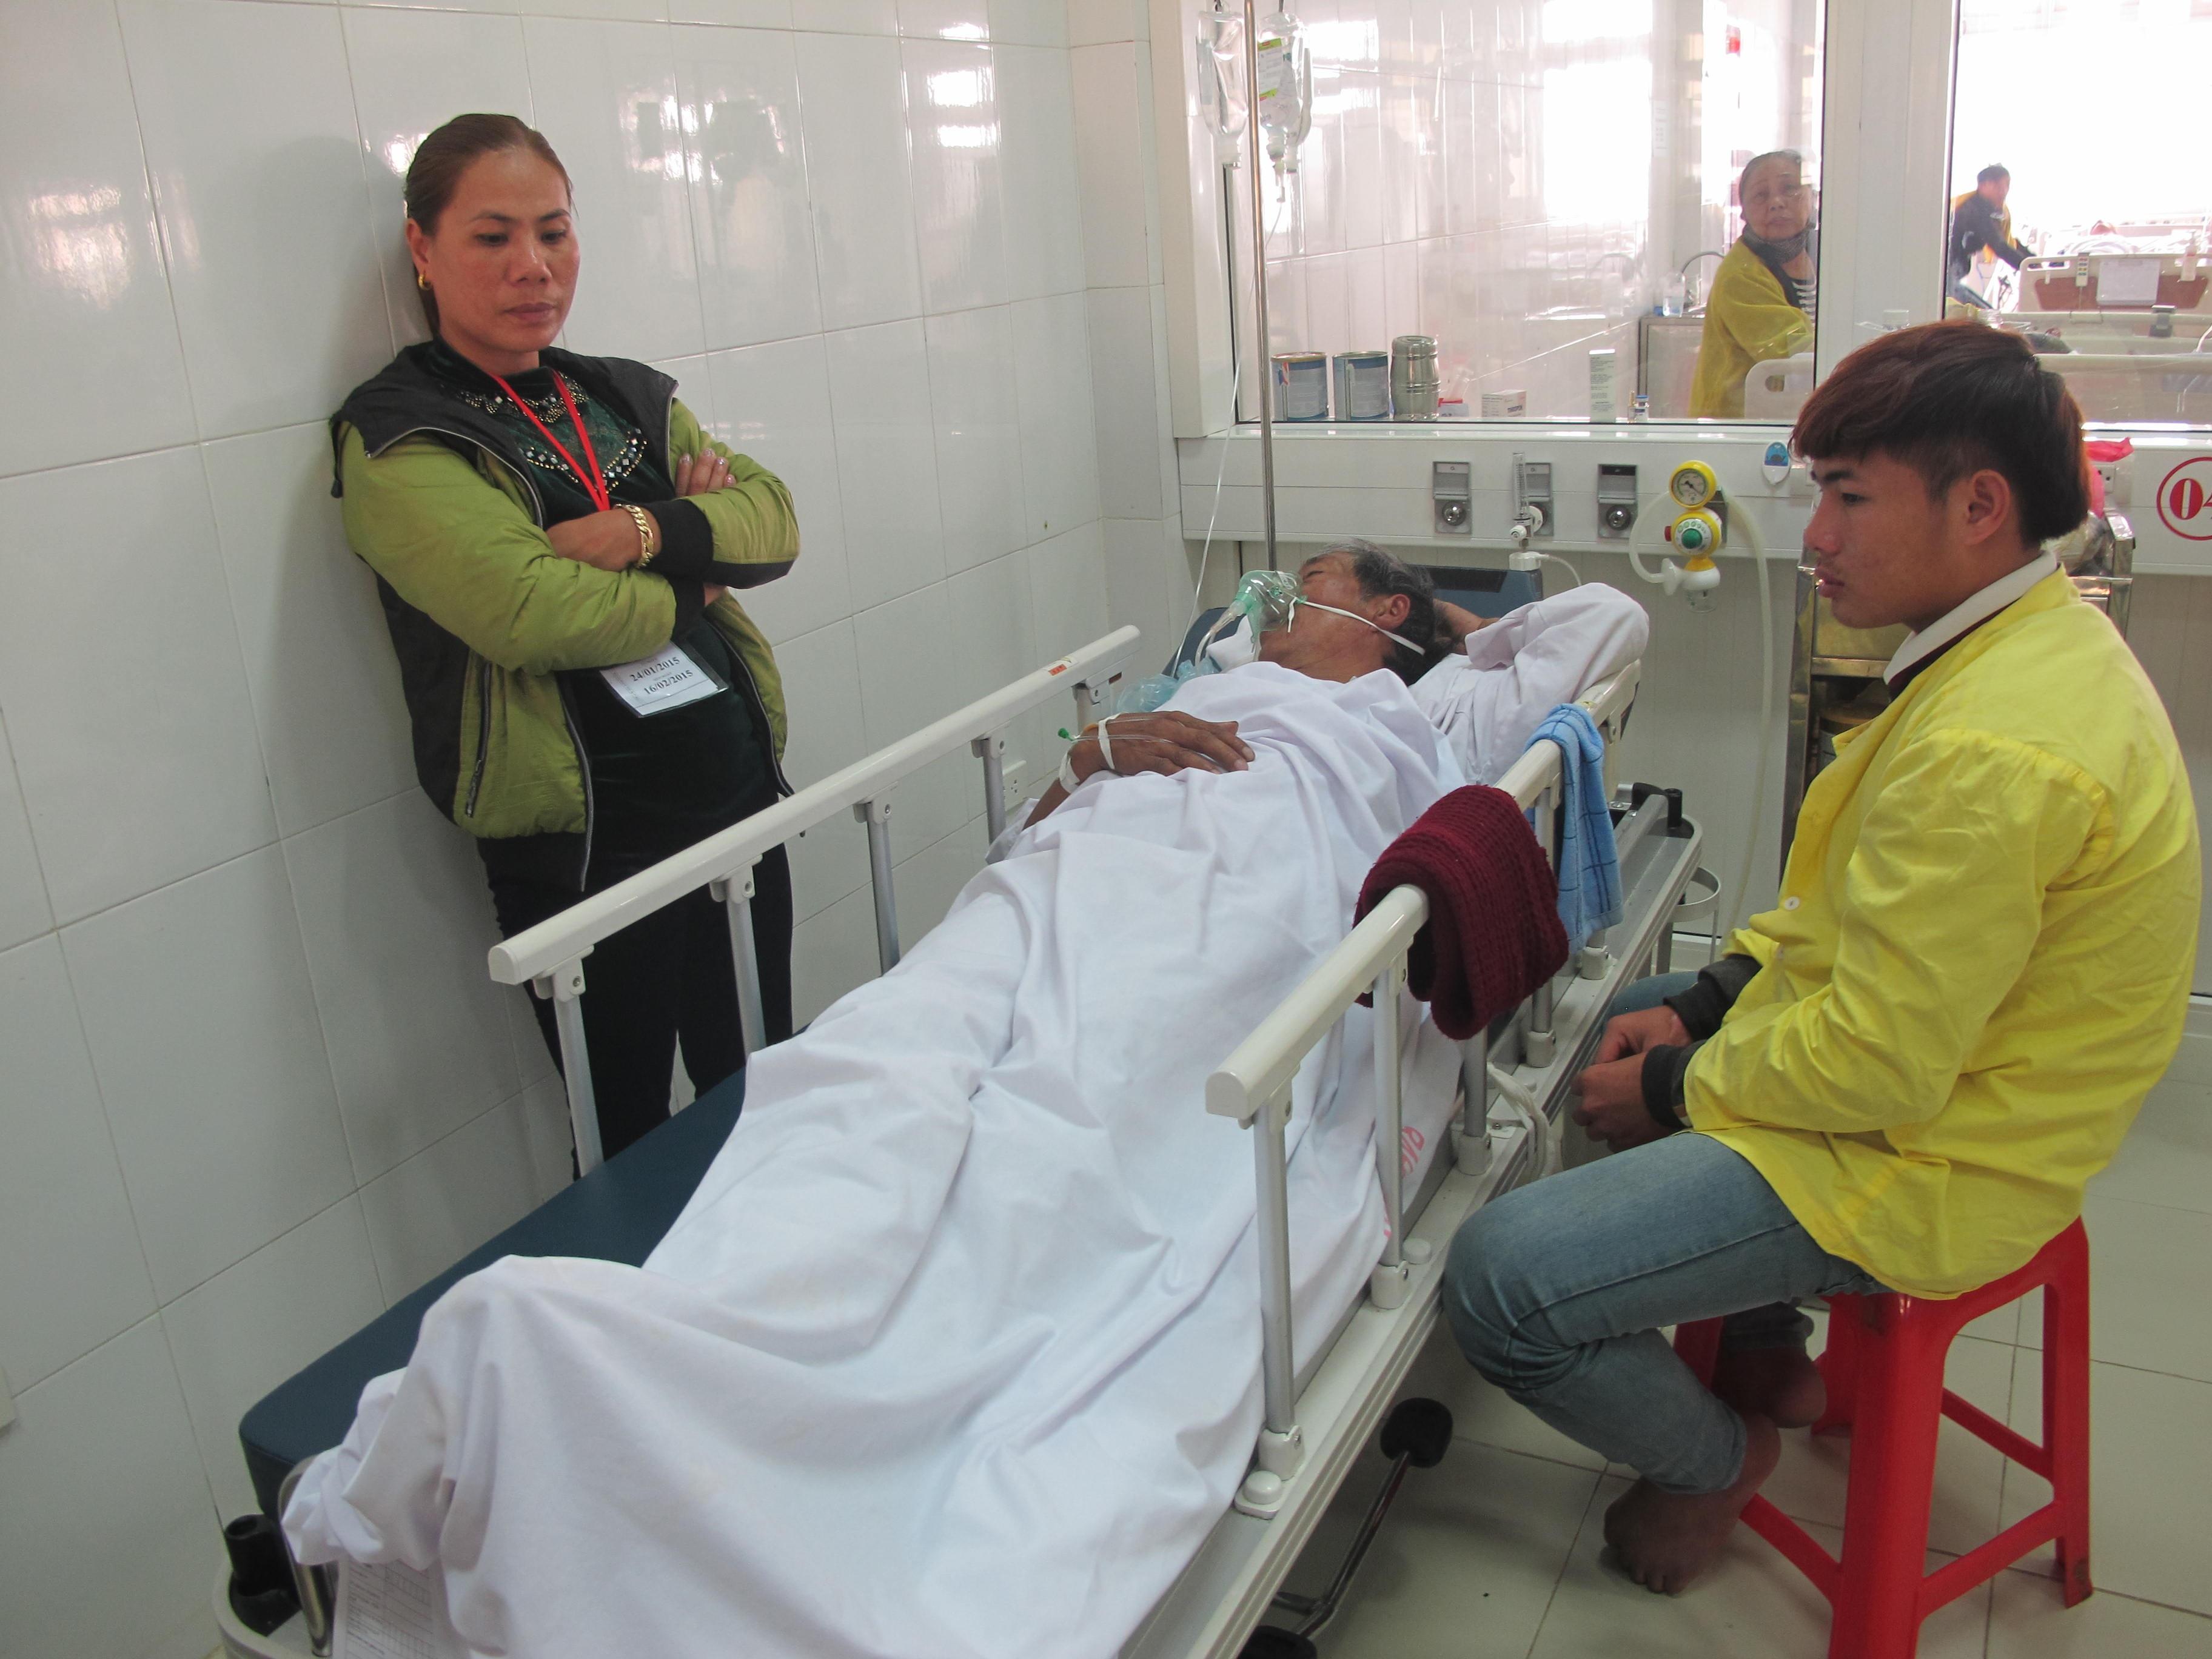 Một nạn nhân đang được cấp cứu tại BV.